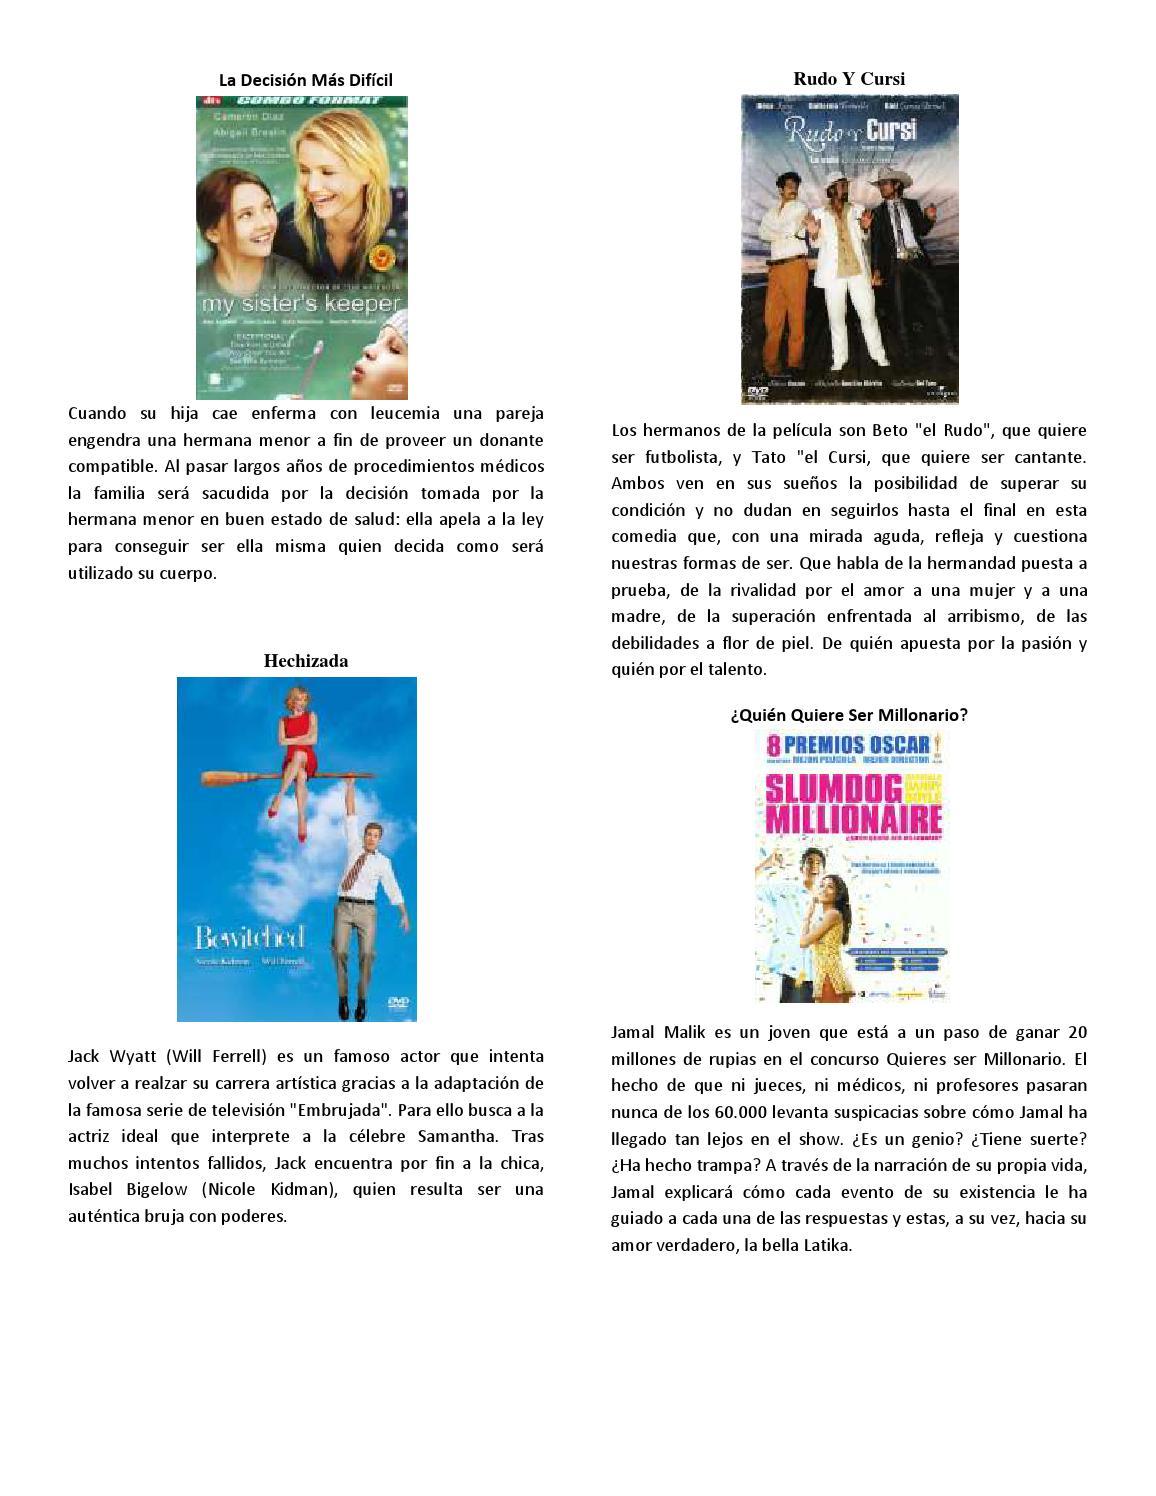 Catalogo de peliculas by Jebuz - issuu f02896c9d8c